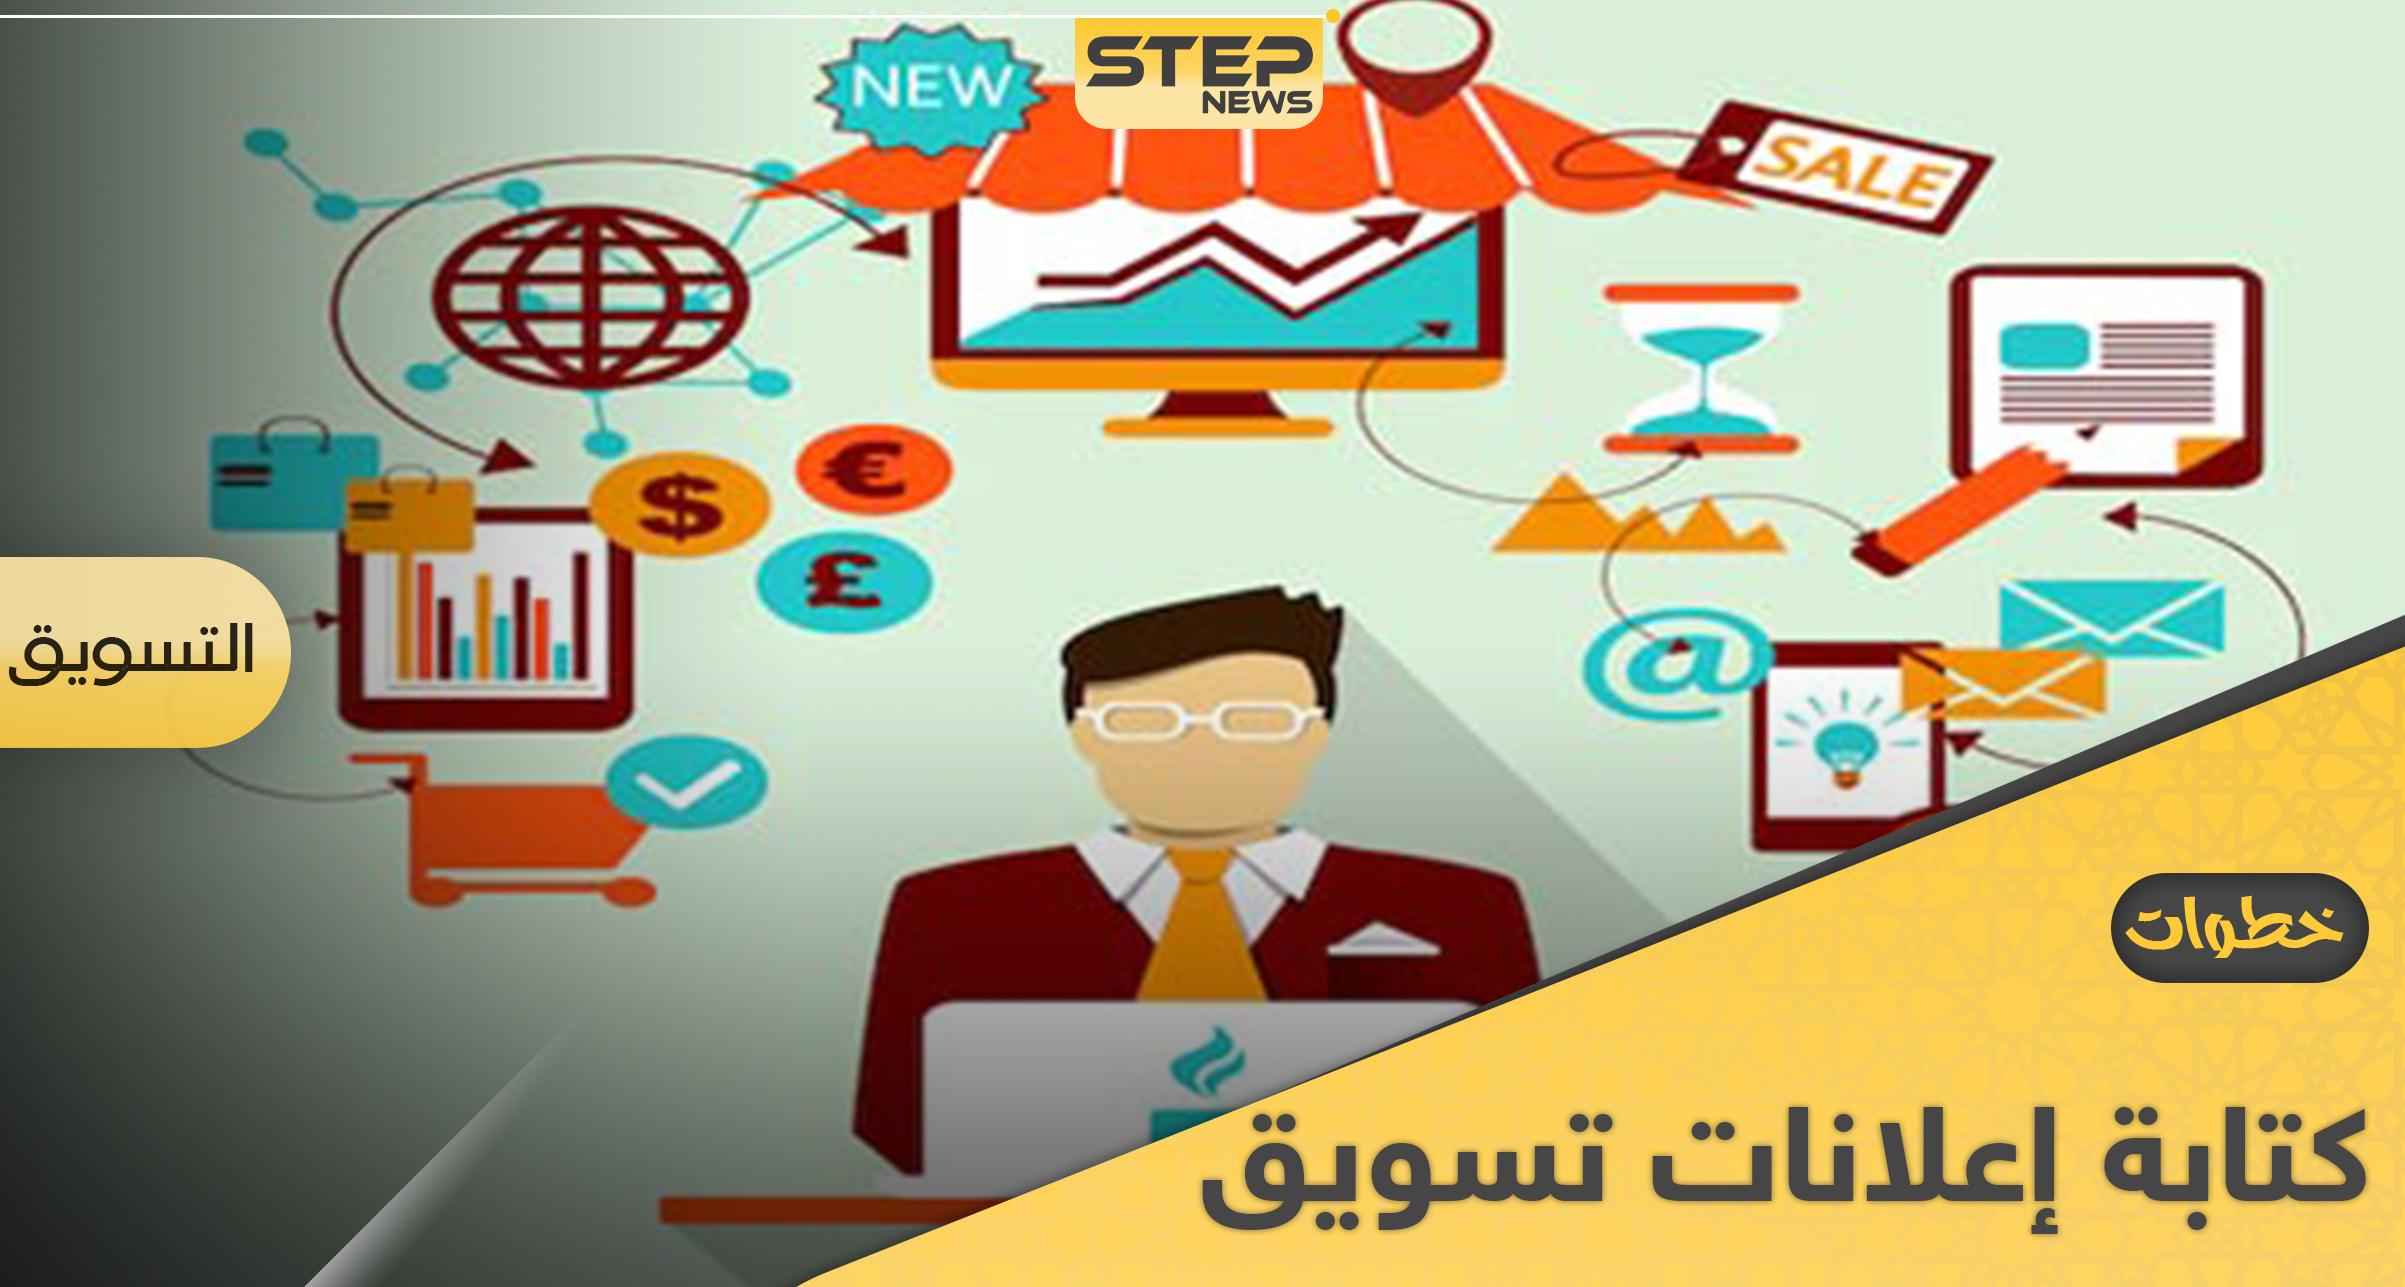 10 خطوات لصياغة إعلانات تسويق بشكل صحيح ولافت تزيد فرص ريادة منتجك وكالة ستيب الإخبارية